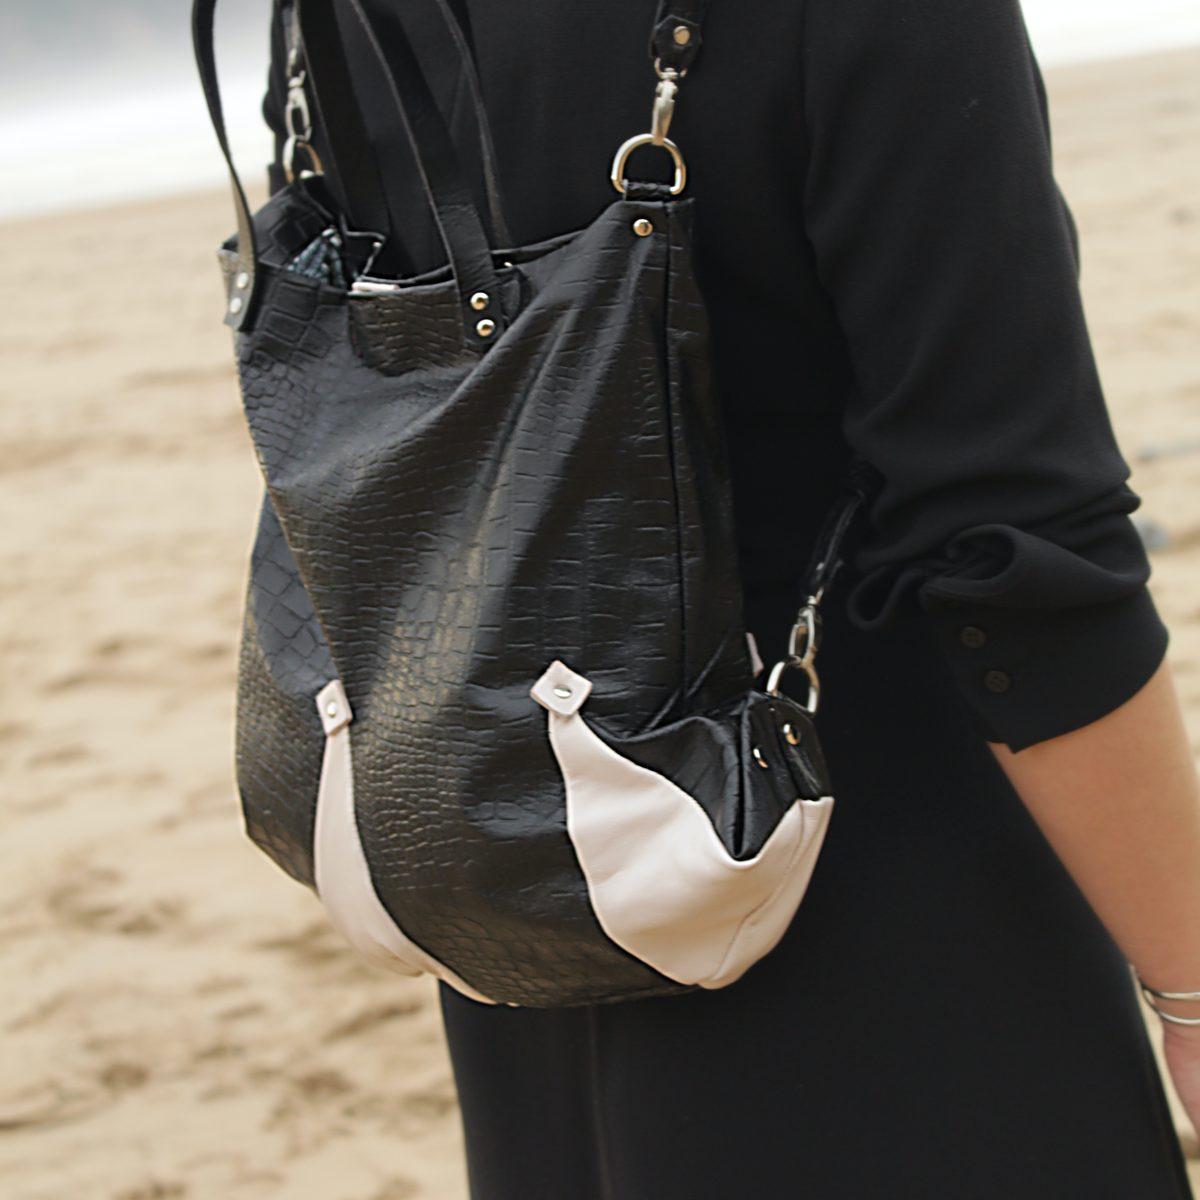 mochila bufon de cuerokas en piel negra y blanca